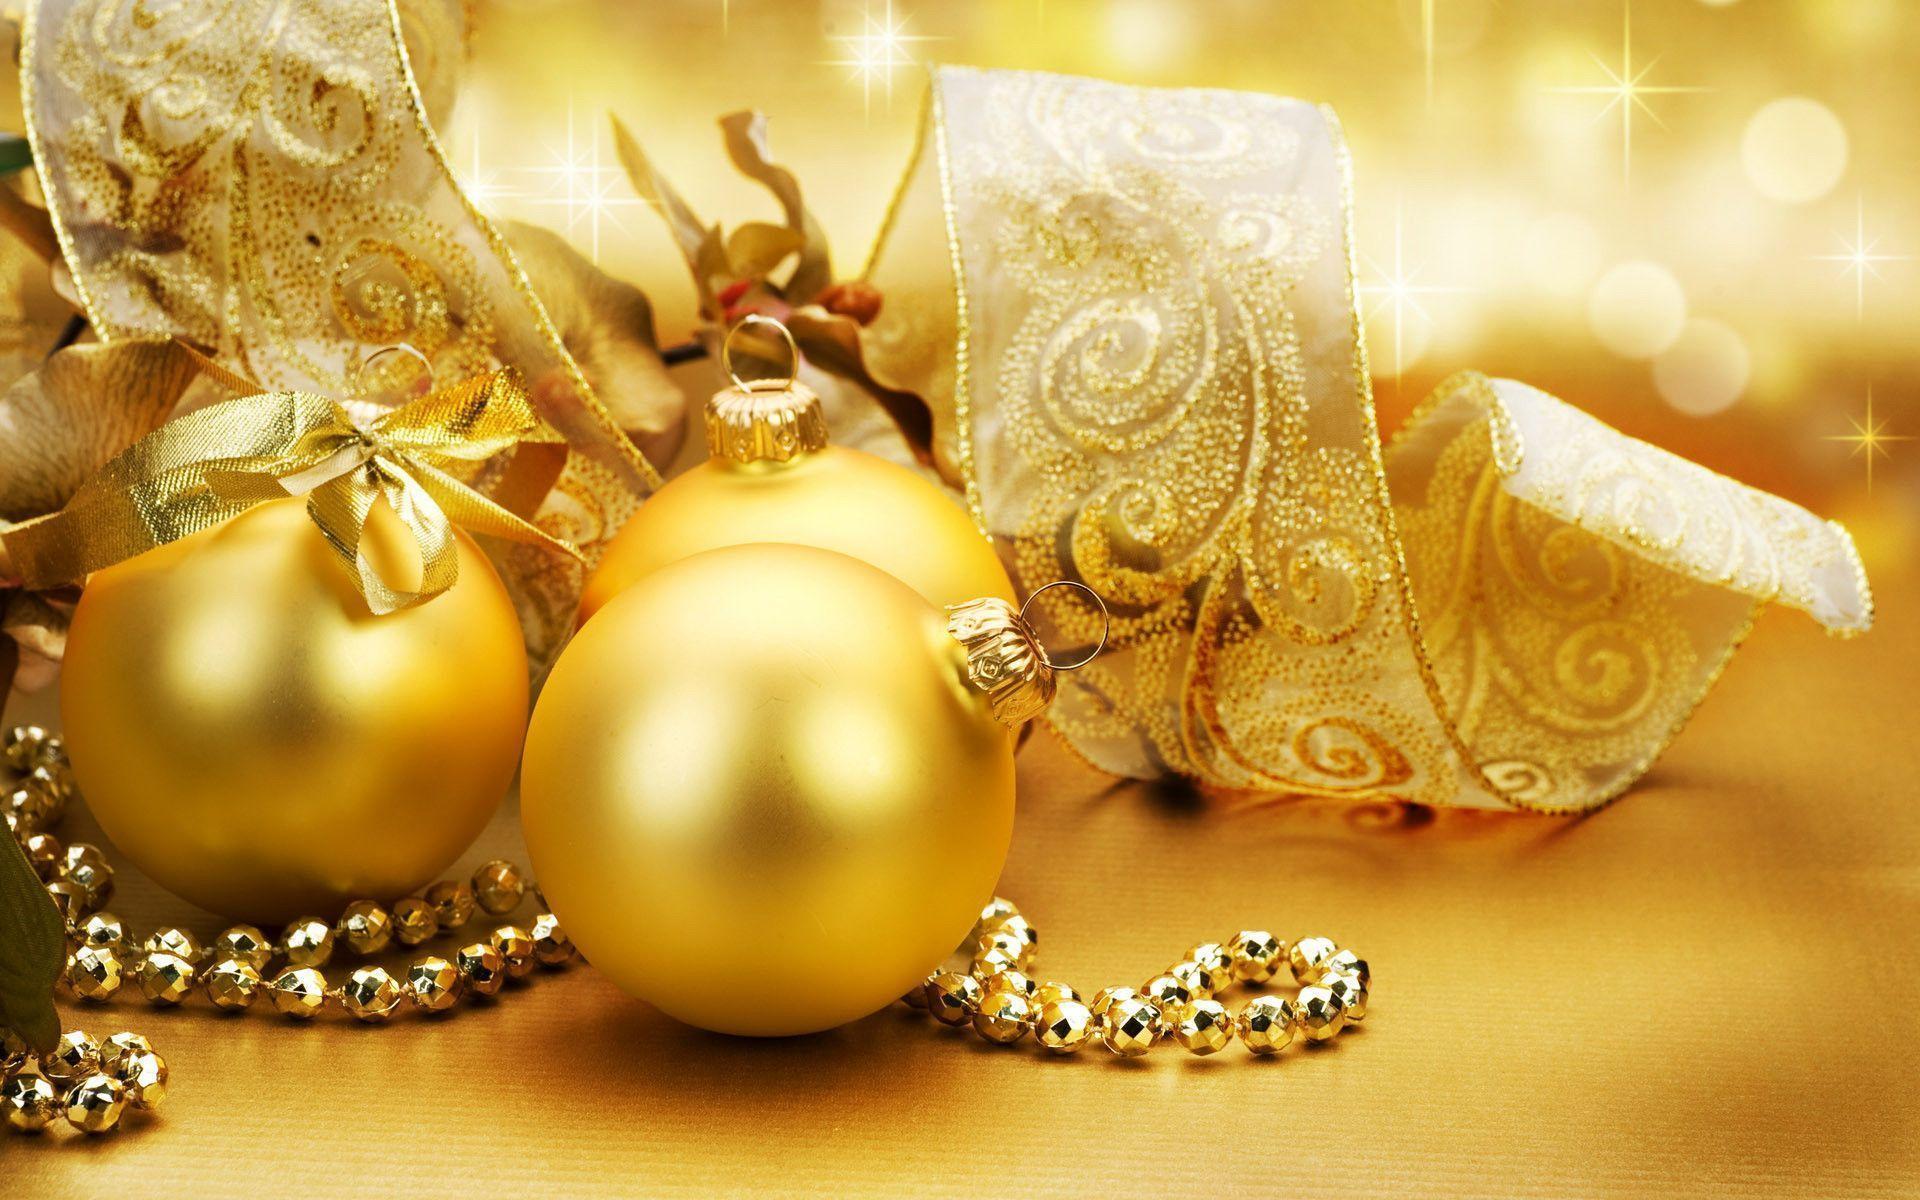 Golden Christmas ornaments - Christmas Wallpaper (22229806) - Fanpop